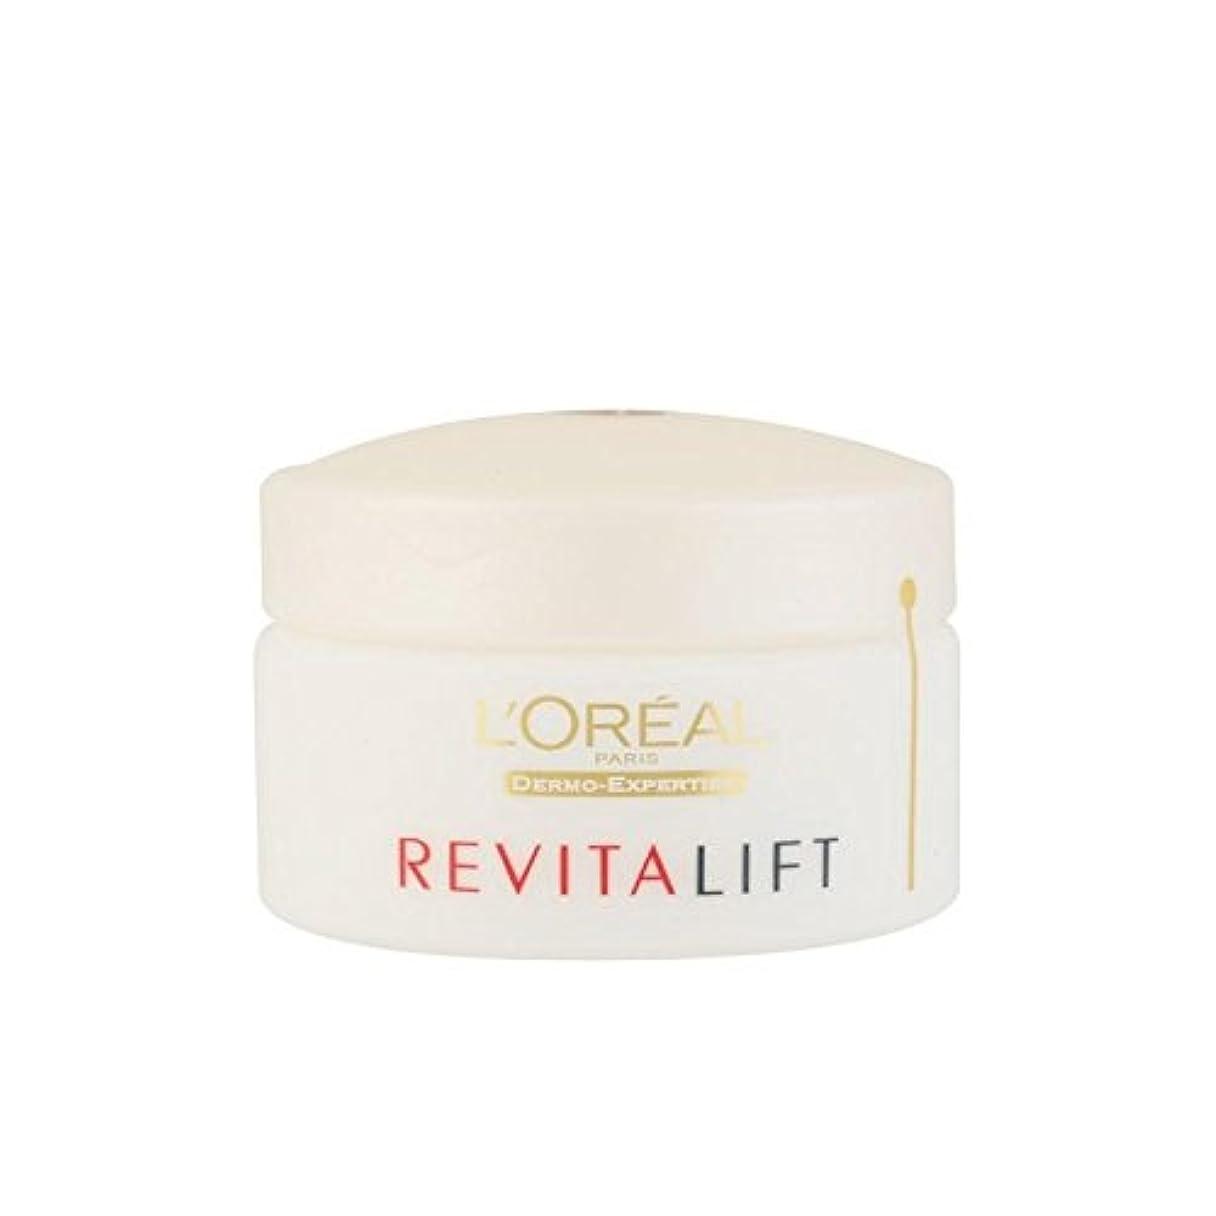 イブニング帳面権利を与えるロレアルパリ、真皮の専門知識の抗シワ+ファーミングデイクリーム(50ミリリットル) x2 - L'Oreal Paris Dermo Expertise Revitalift Anti-Wrinkle + Firming Day Cream (50ml) (Pack of 2) [並行輸入品]